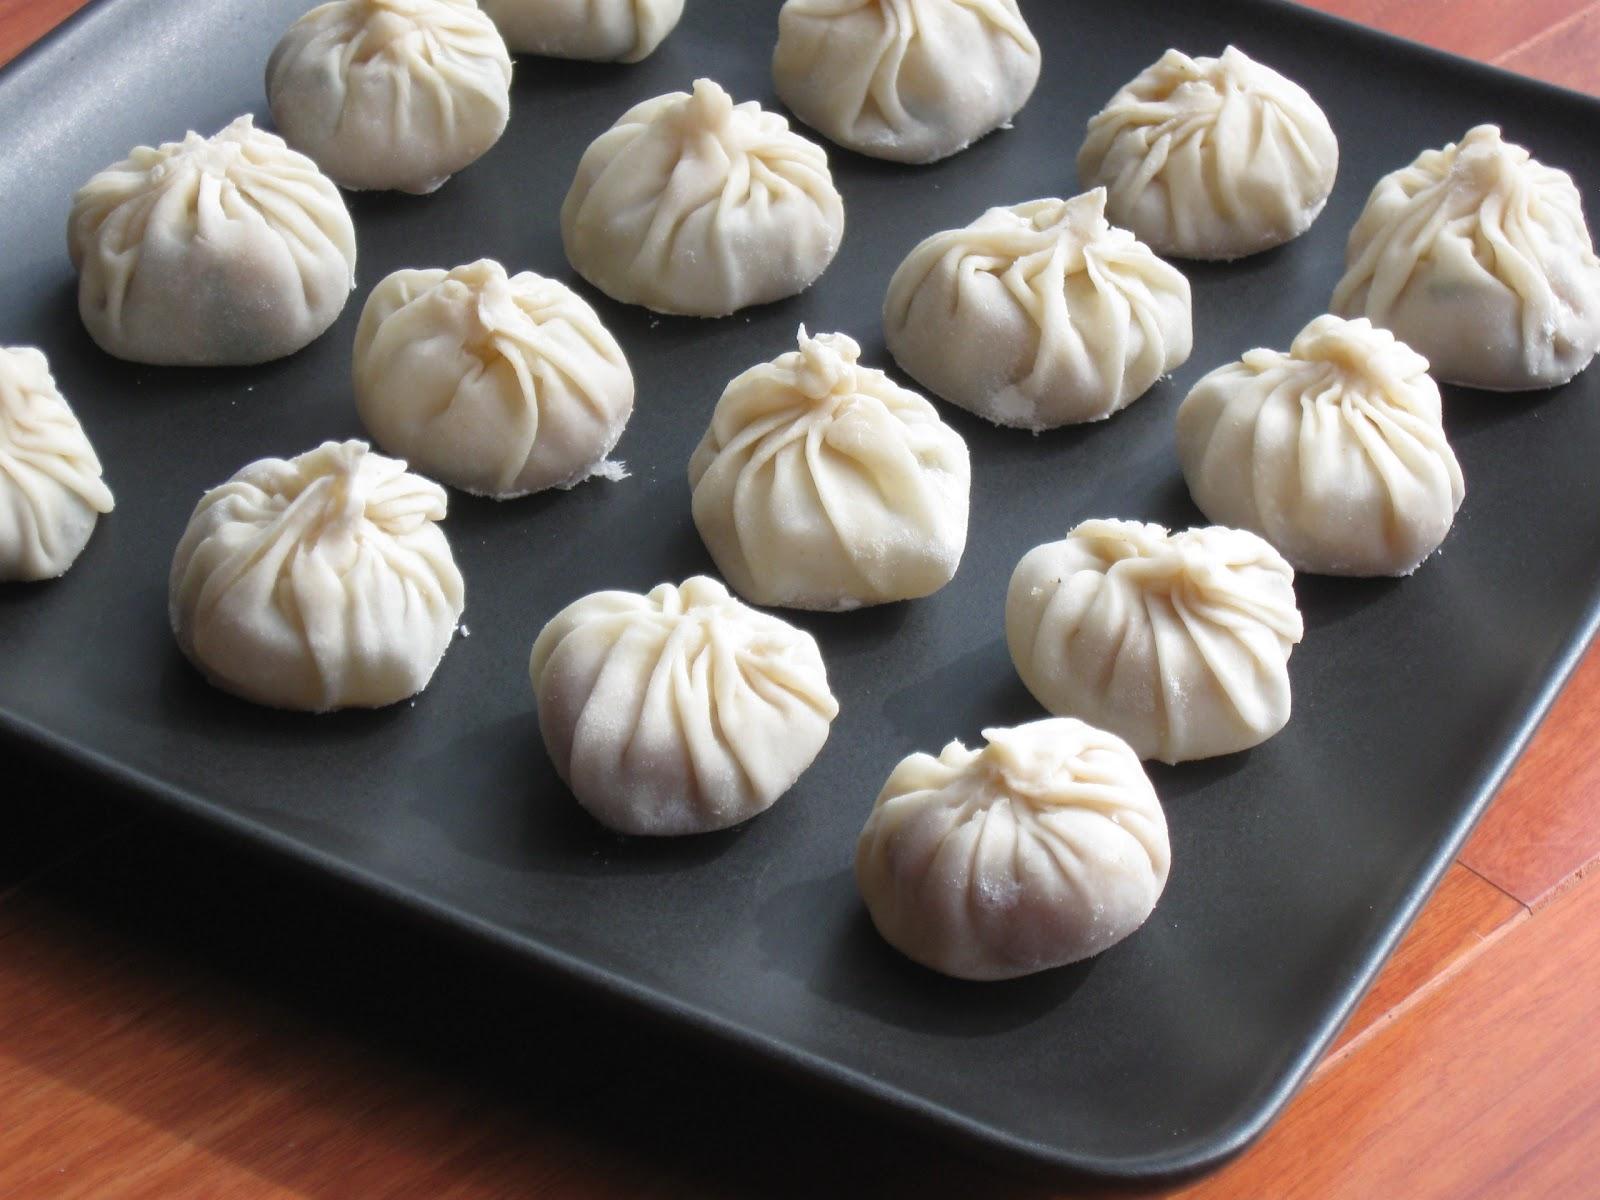 food i make: Xiao Long Bao - Chinese Soup Dumplings